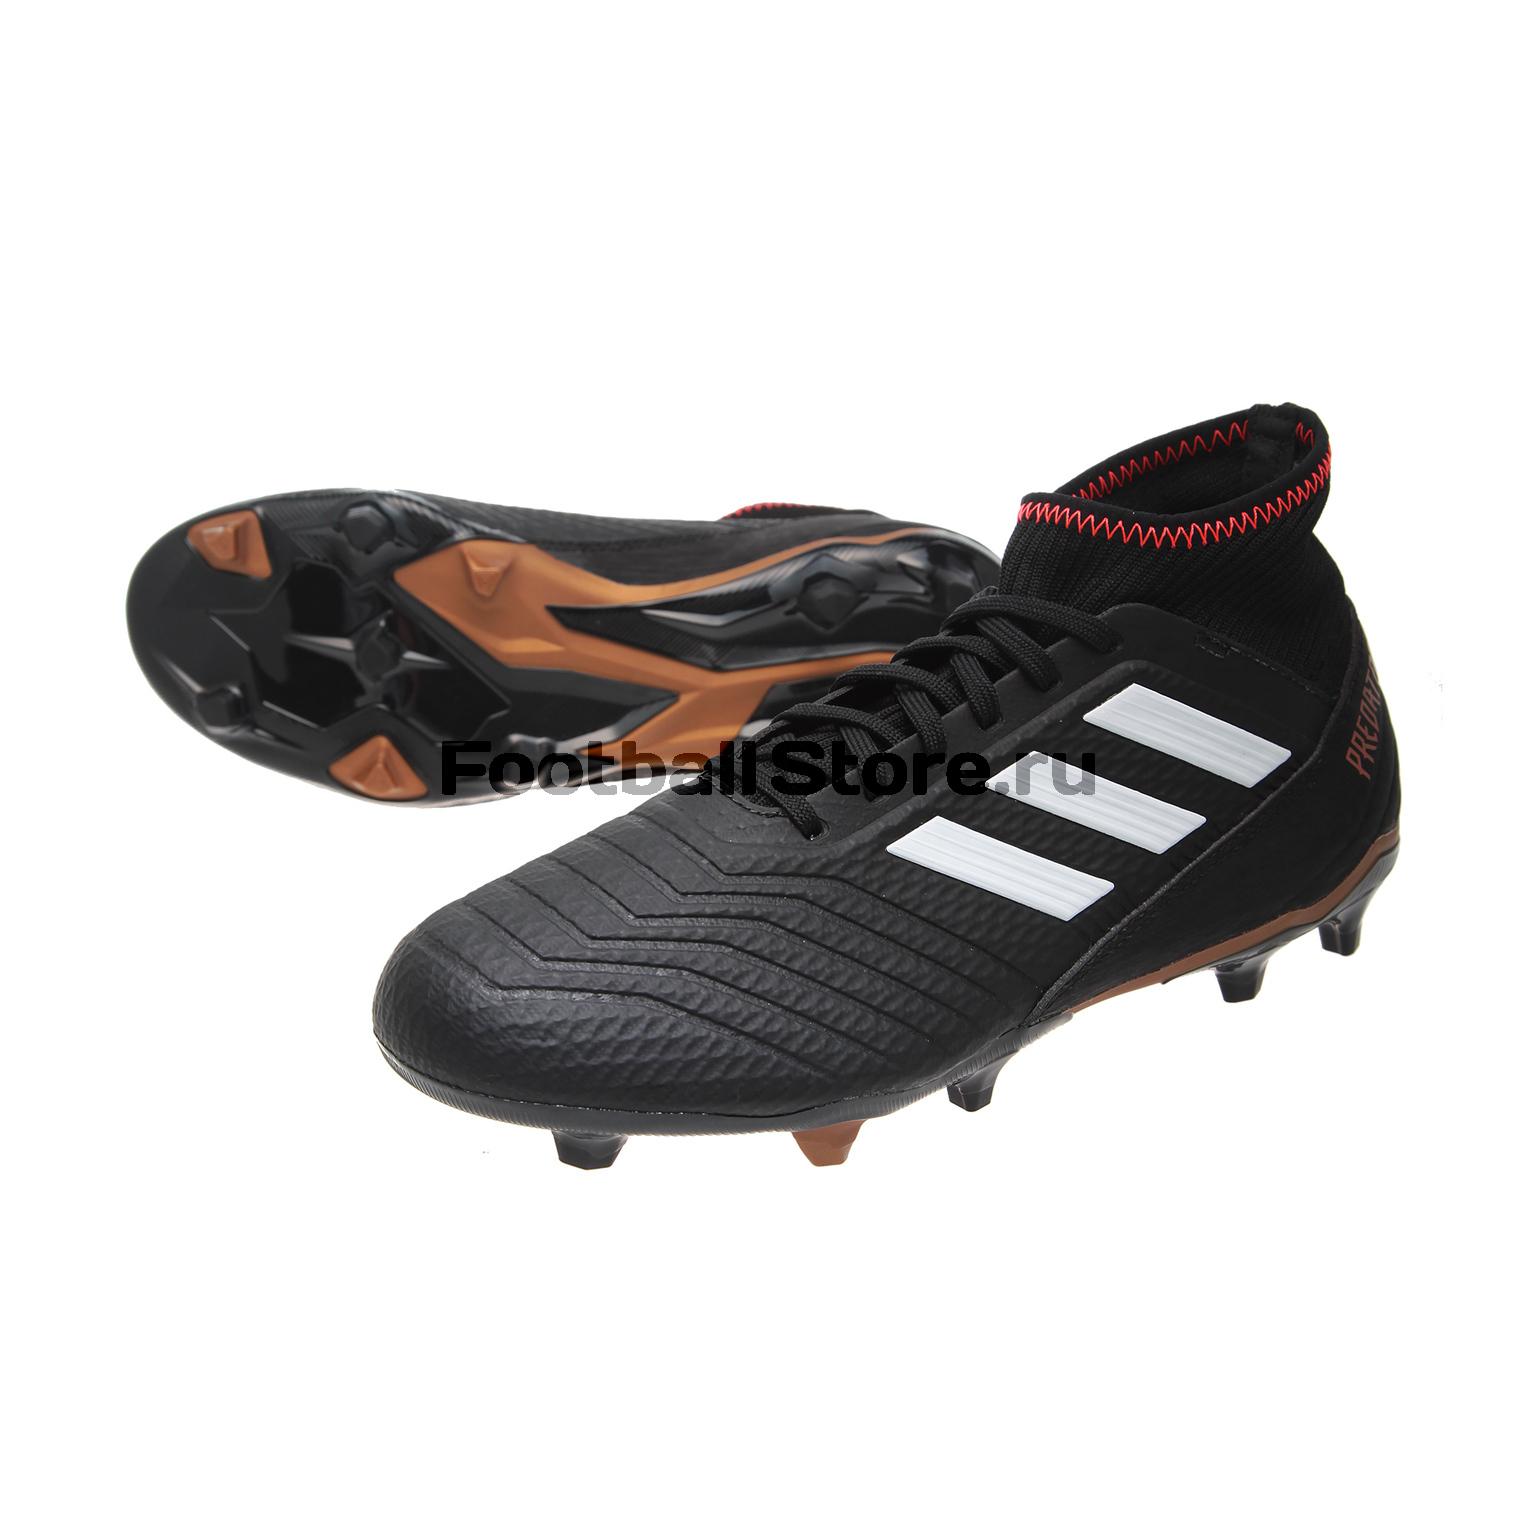 купить Игровые бутсы Adidas Бутсы Adidas Predator 18.3 FG CP9301 по цене 6390 рублей